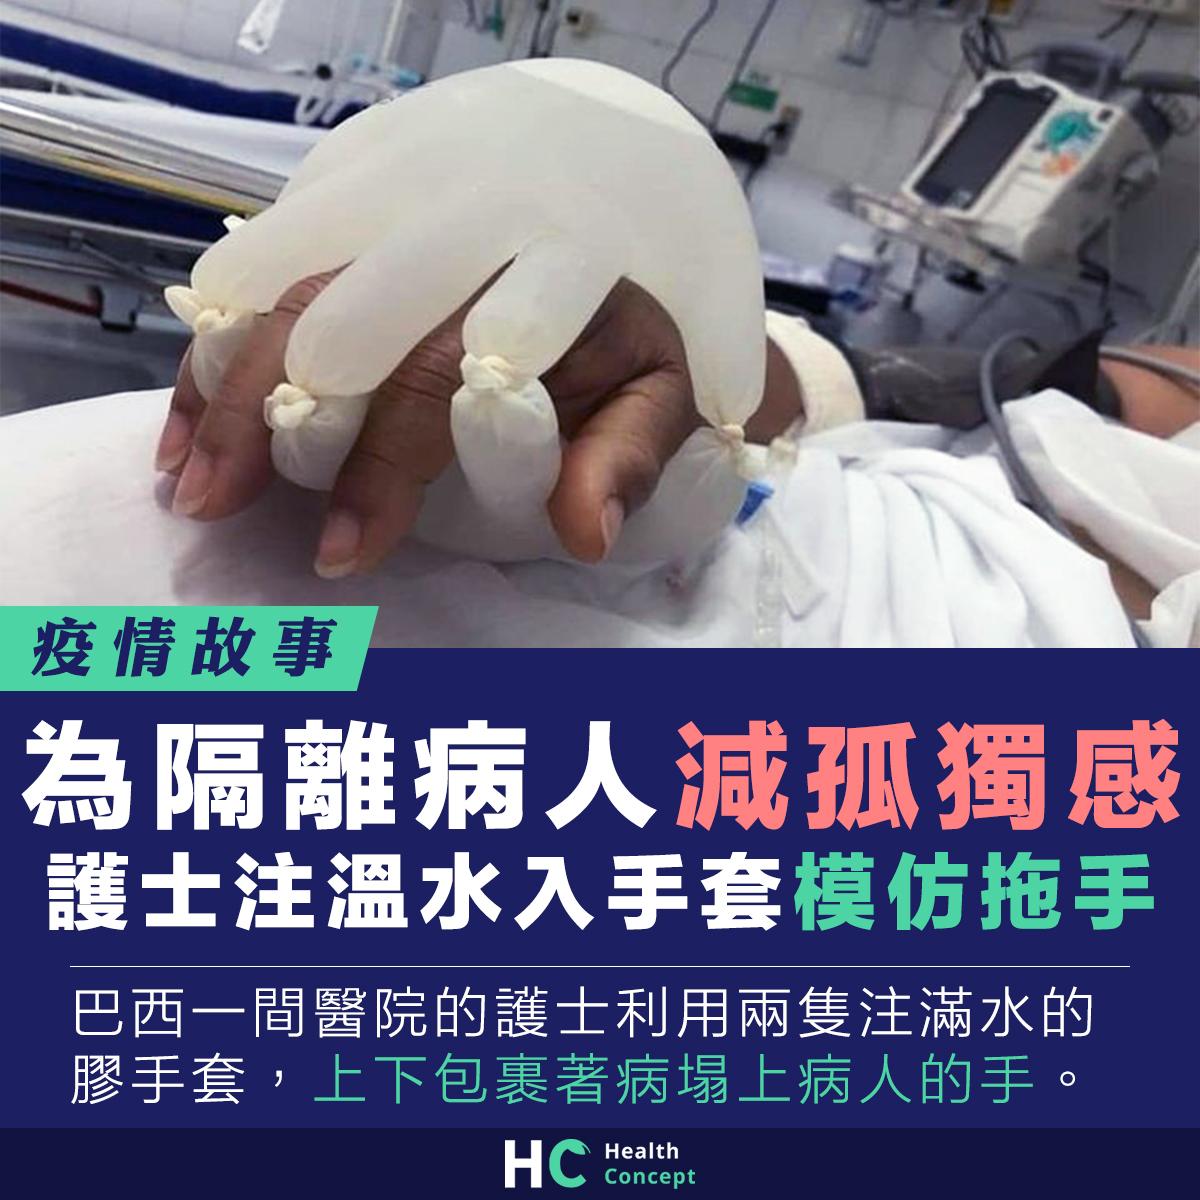 為隔離病人紓緩孤獨感 護士注溫水入手套模仿拖手